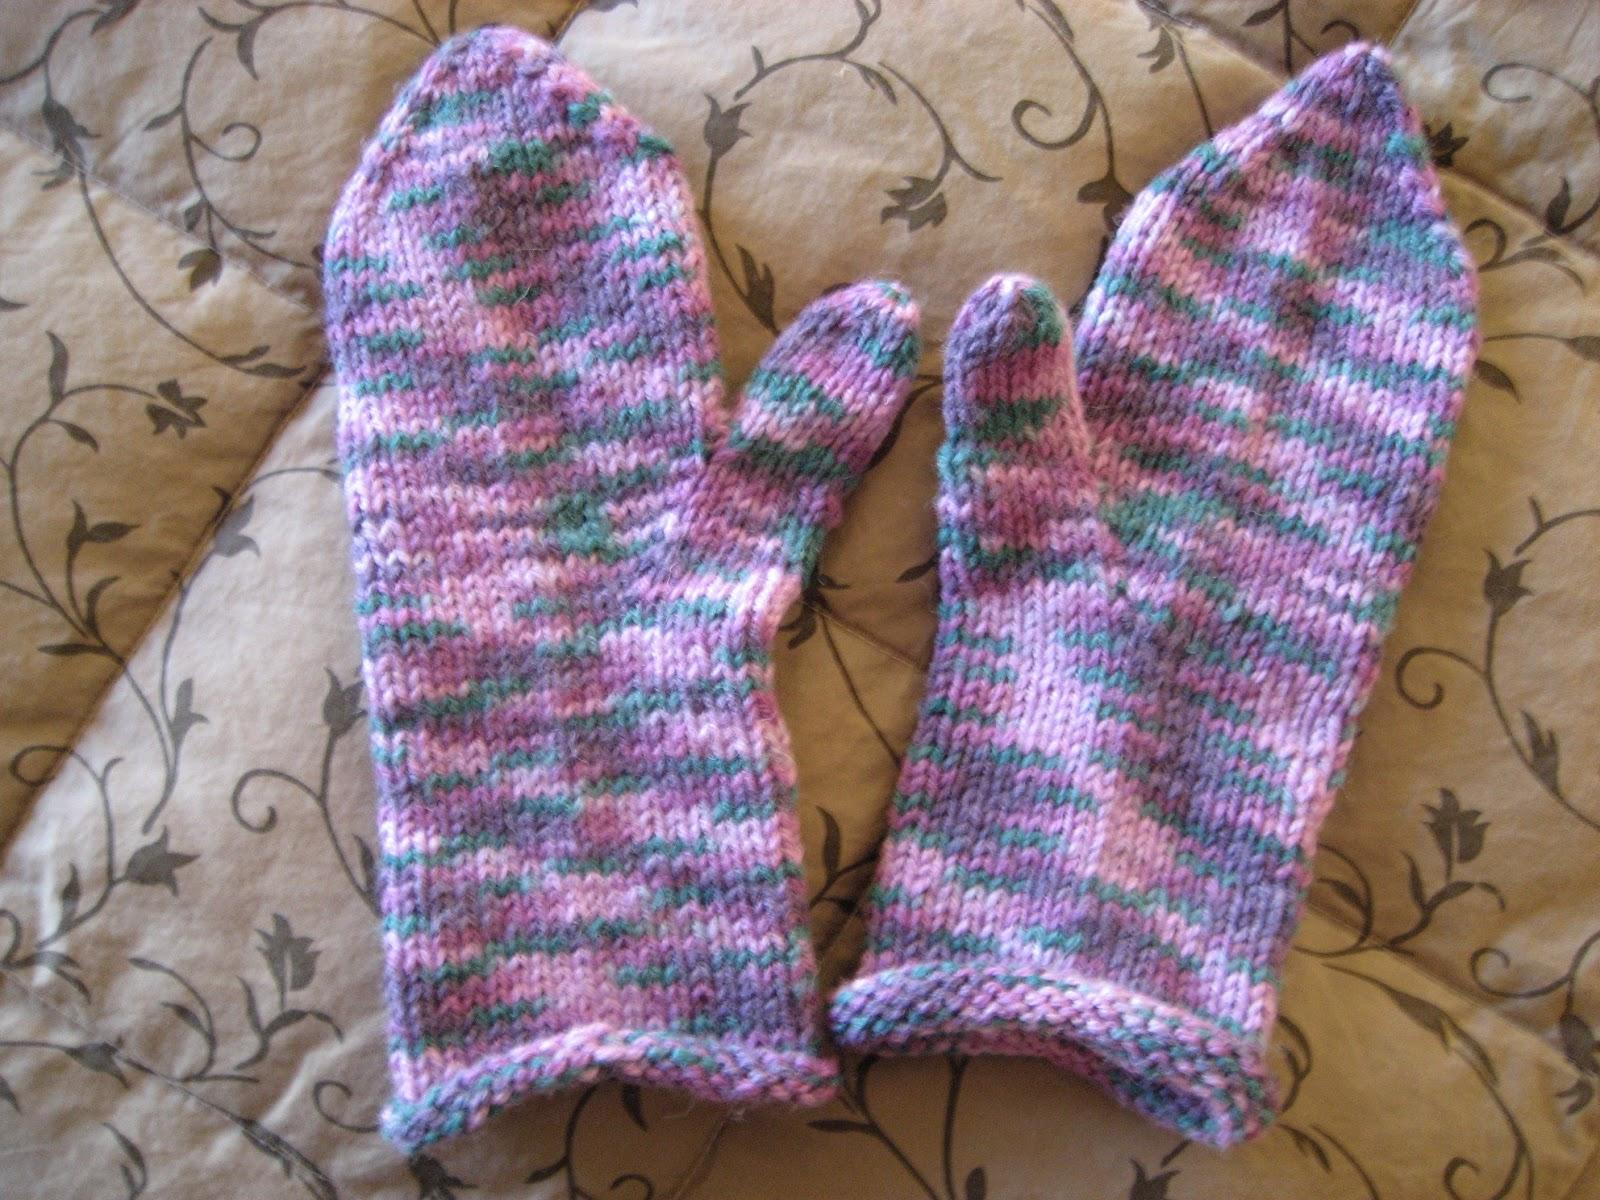 Red Hat Knitter: Still Knitting